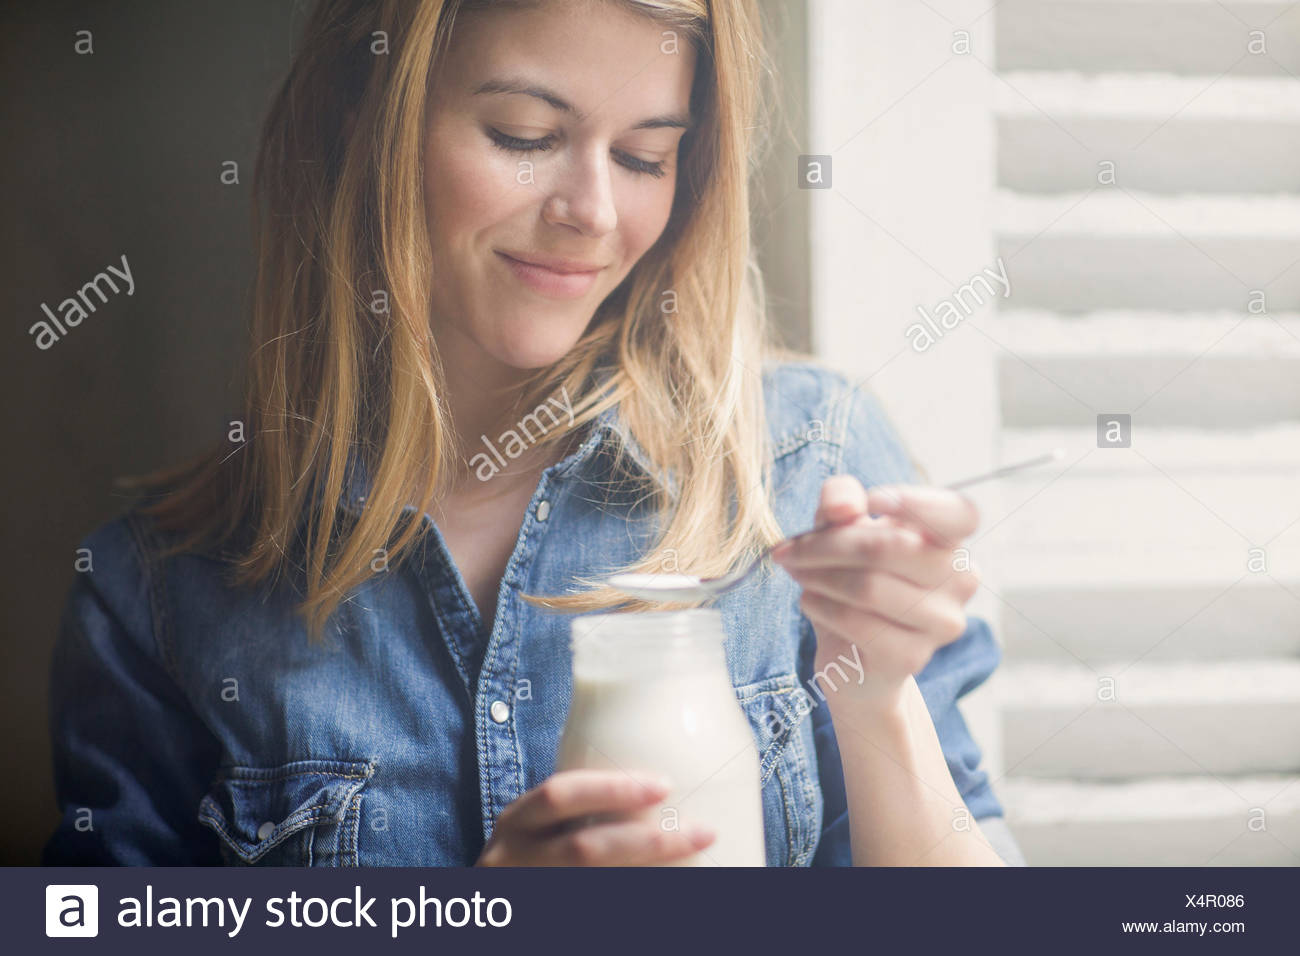 Mujer feliz bebiendo leche Imagen De Stock